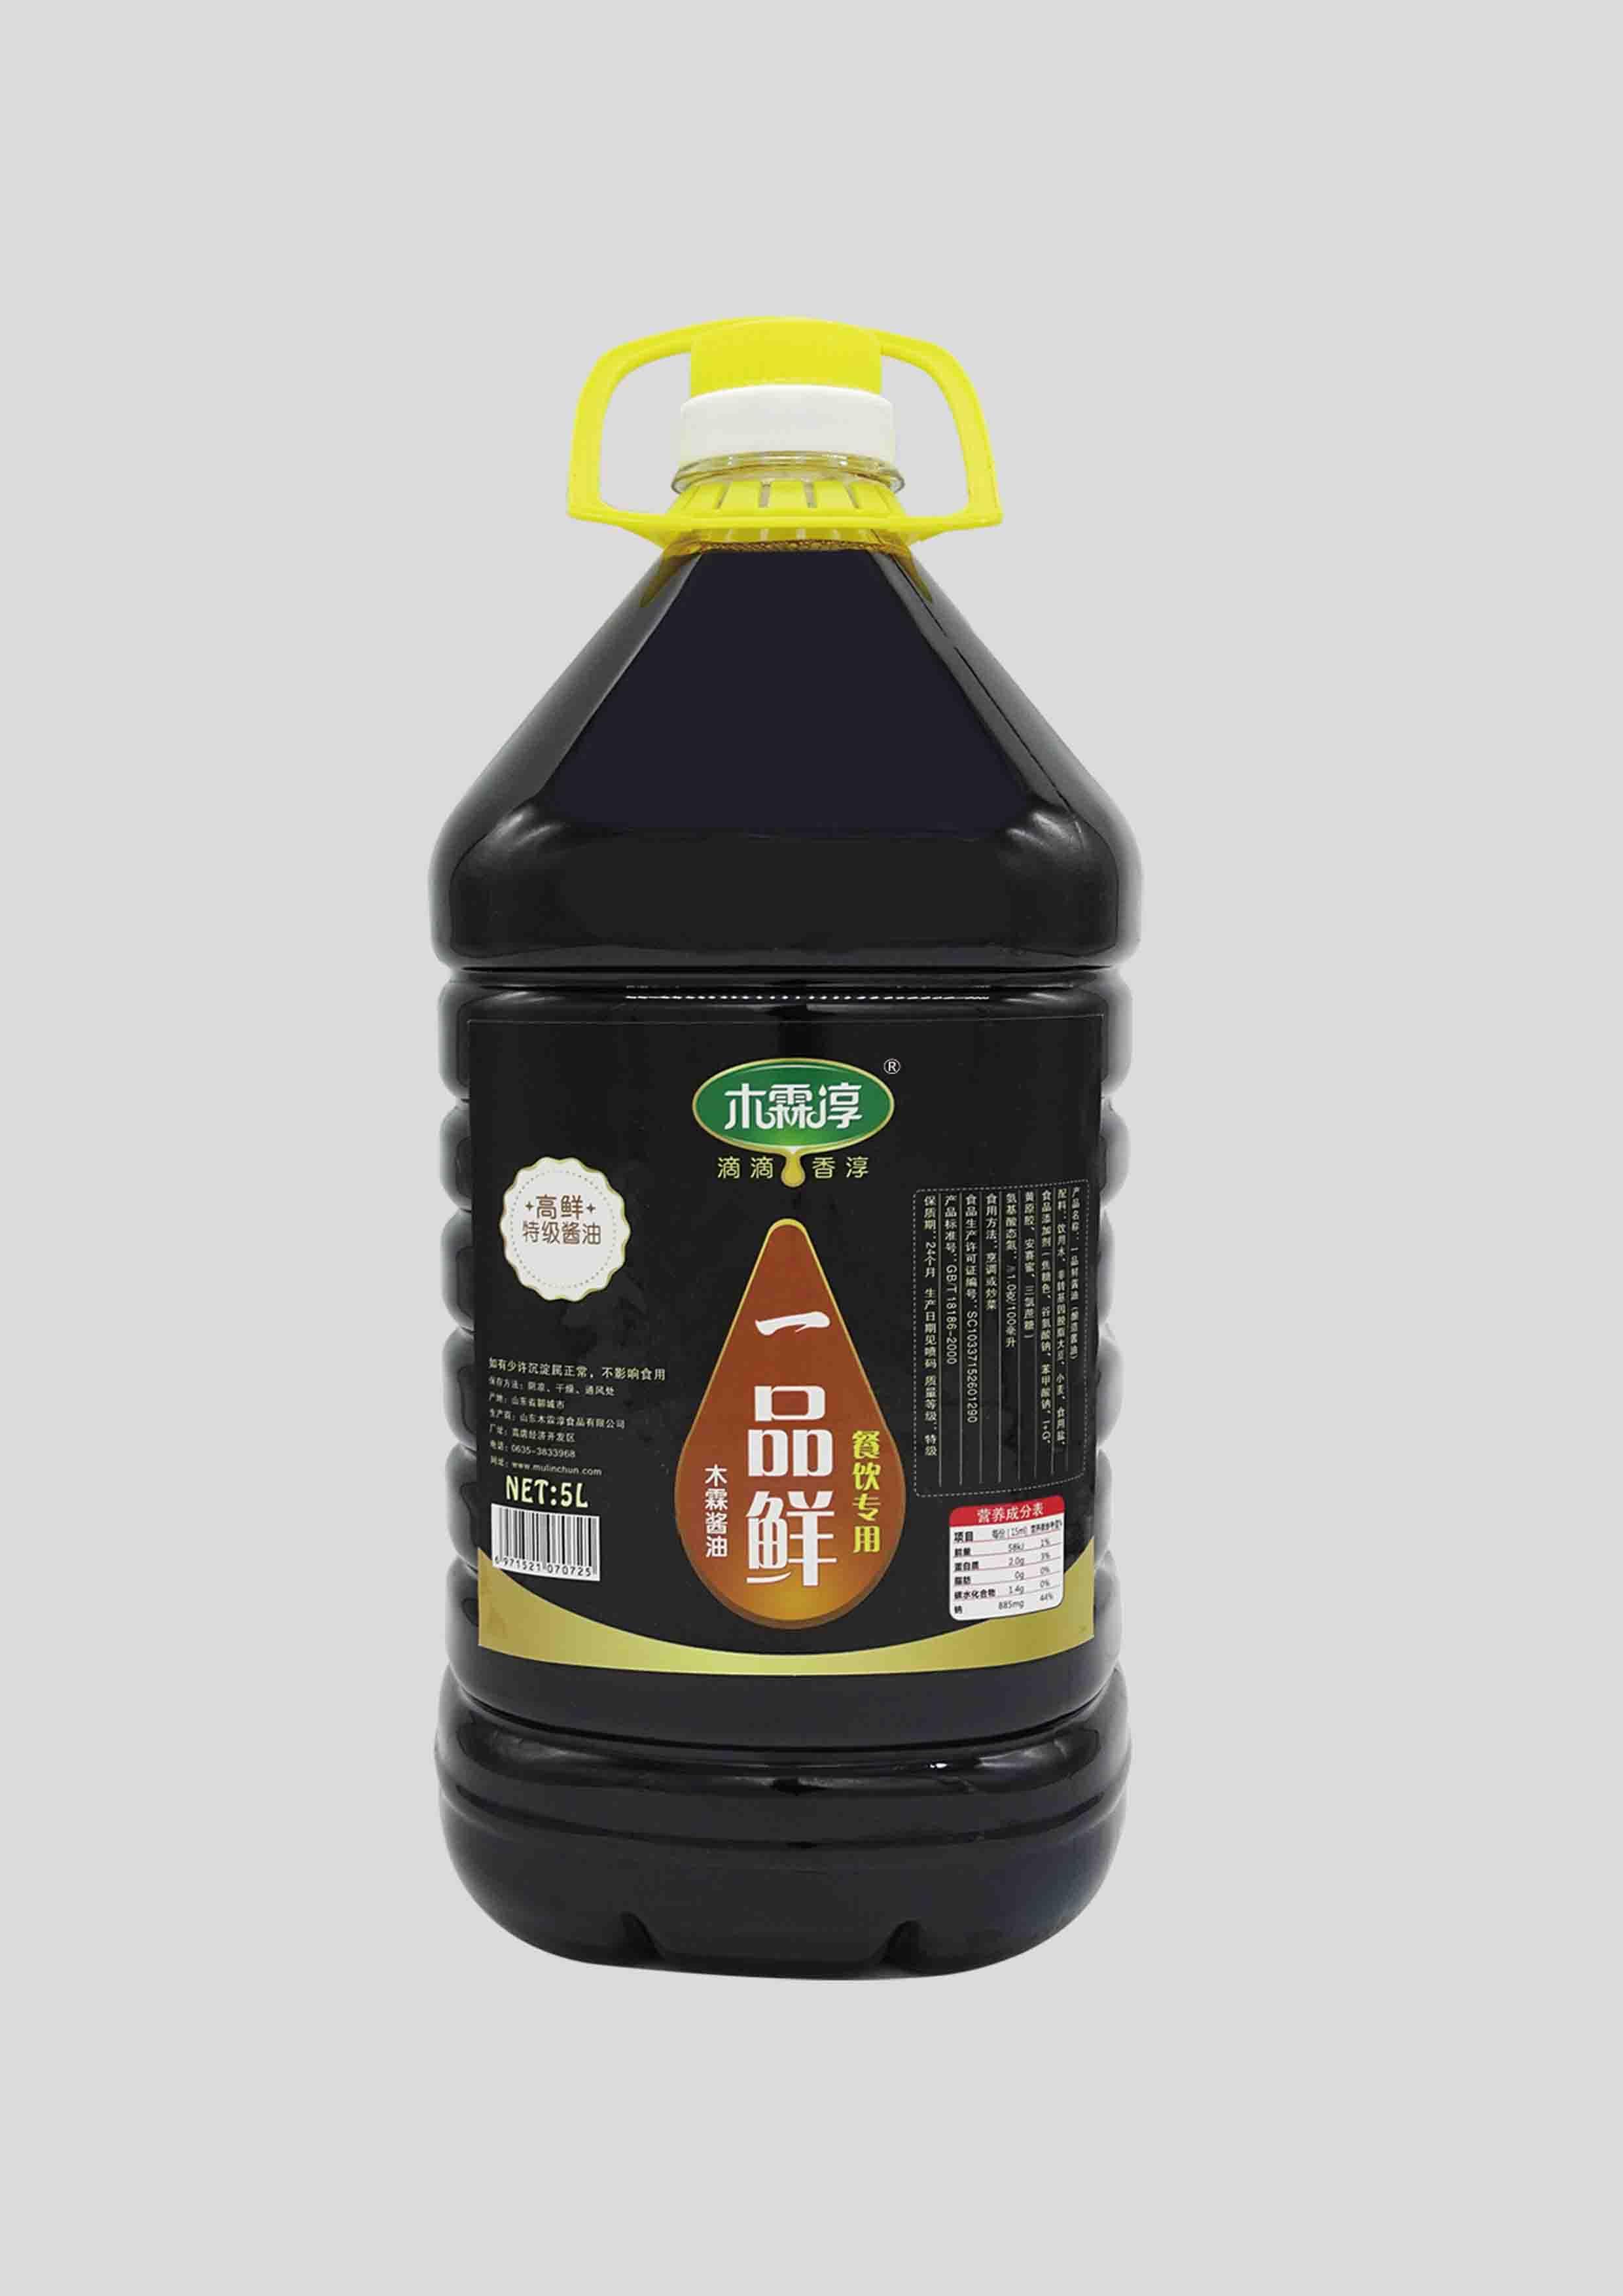 木霖淳一品鲜酱油5L(餐饮专用)